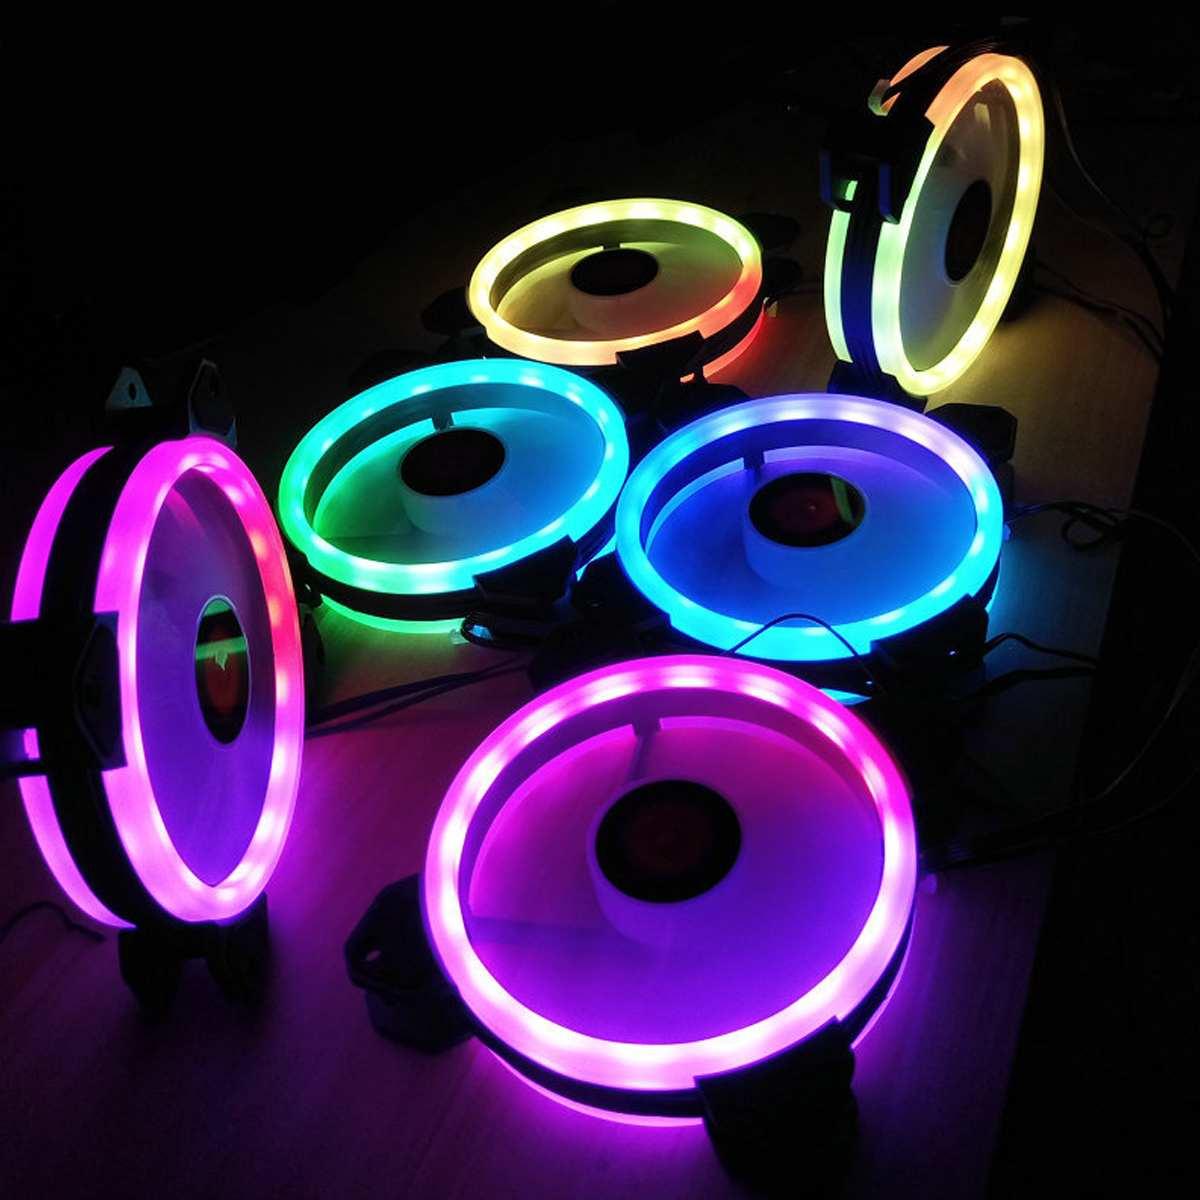 6 pièces coque d'ordinateur PC ventilateur de refroidissement RGB ventilateur de refroidissement ajuster LED 120mm silencieux IR à distance ordinateur refroidisseur refroidissement RGB boîtier ventilateur pour CPU - 4